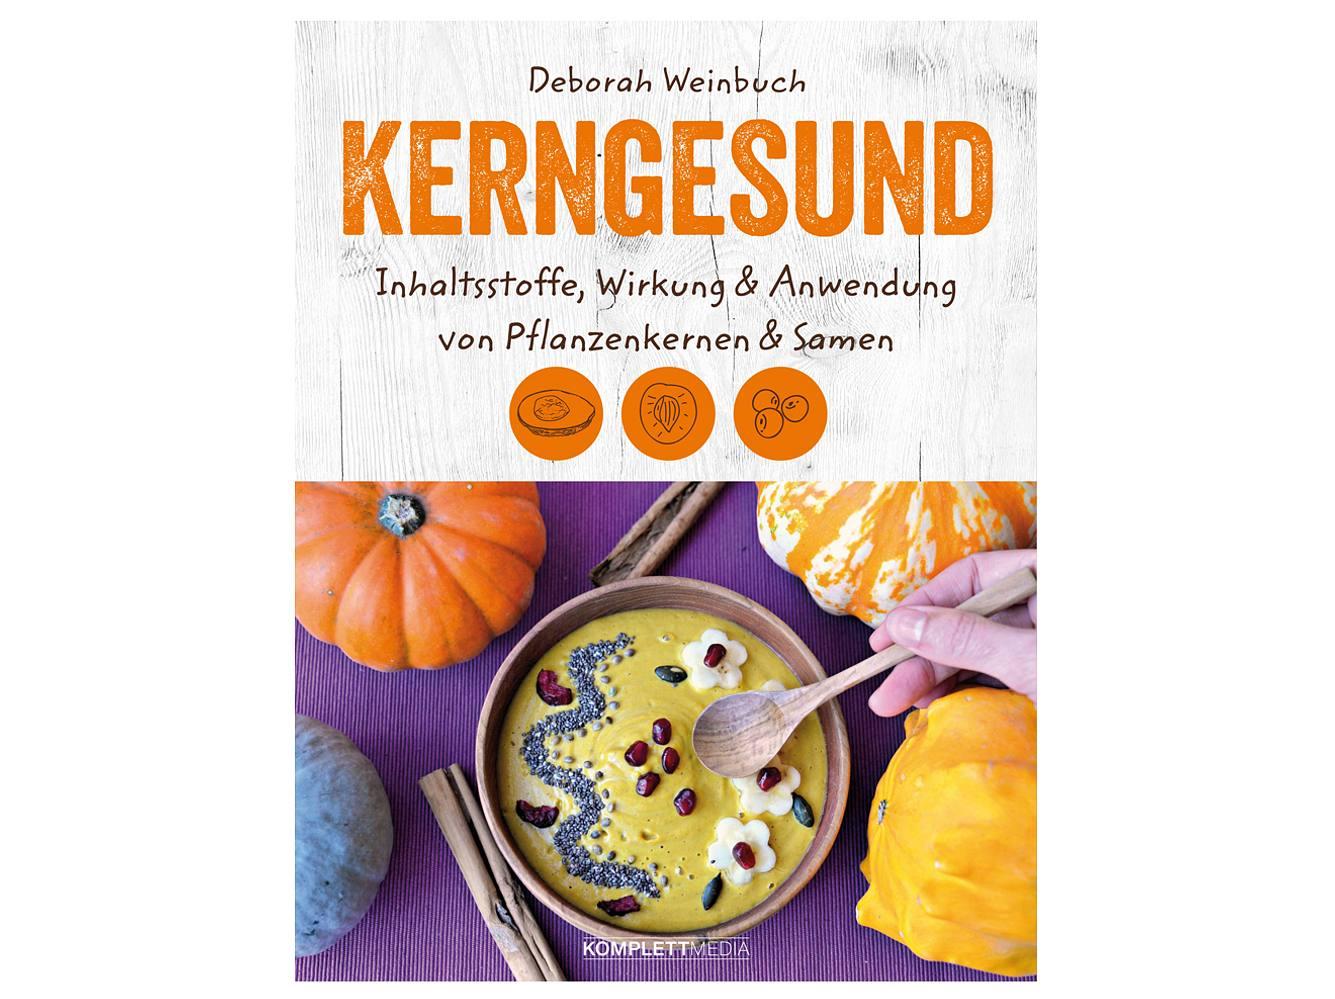 Das Buch Kerngesund zeigt, welche Schätze die Natur bereit hält und was man aus ihnen zaubern kann.